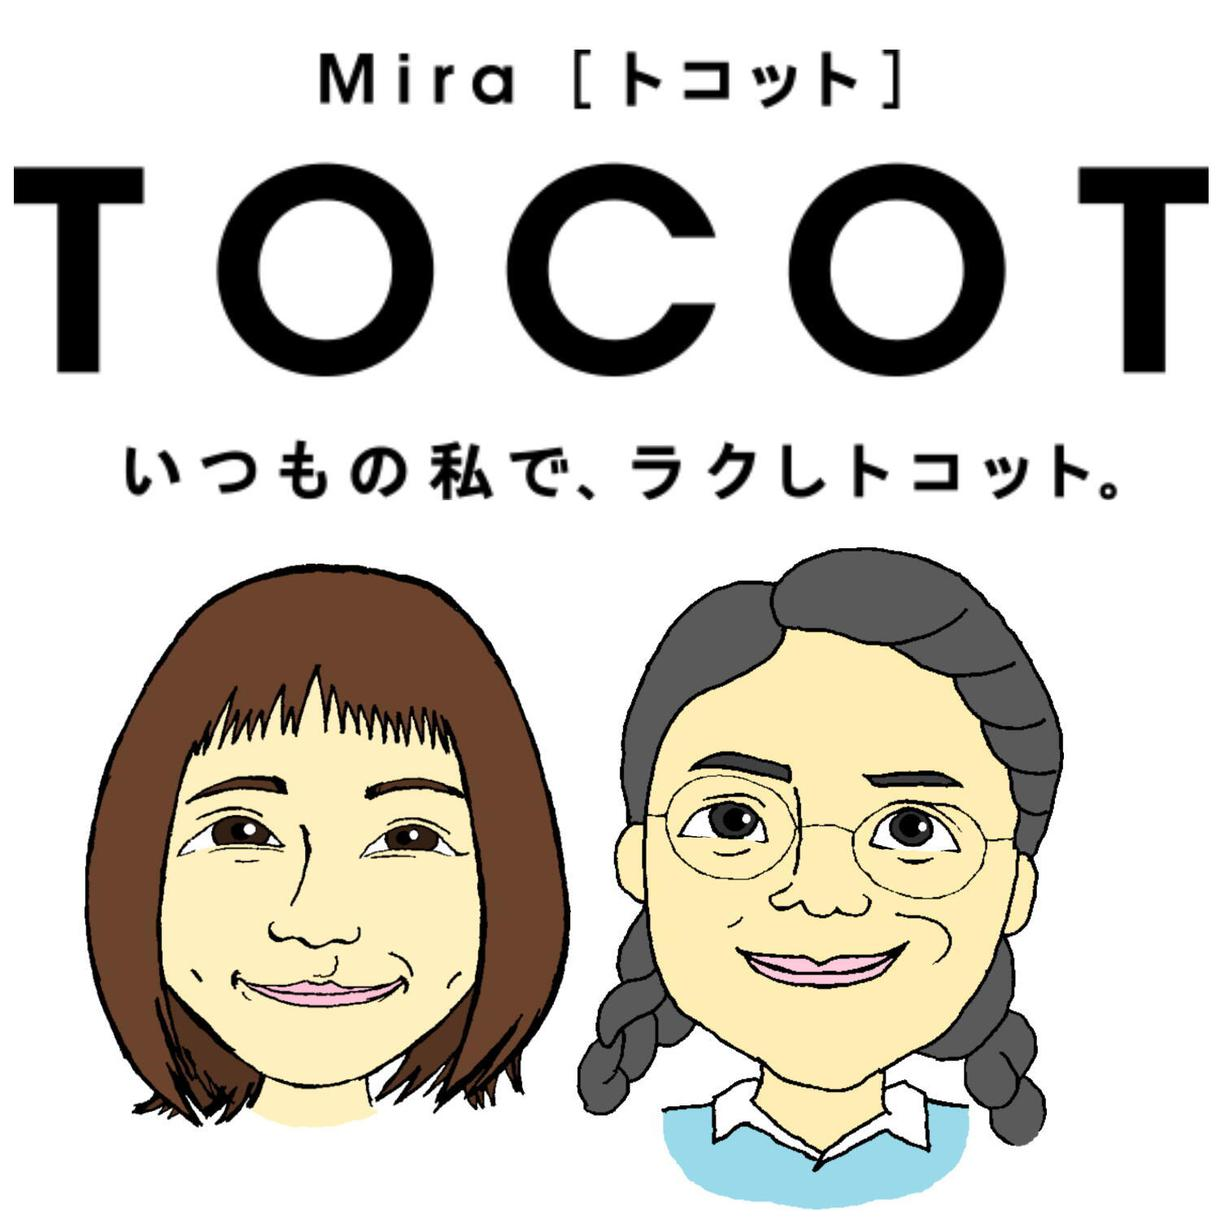 似顔絵を500円で2人ぶん描きます おかげさまで、「お試し」100件達成できました!